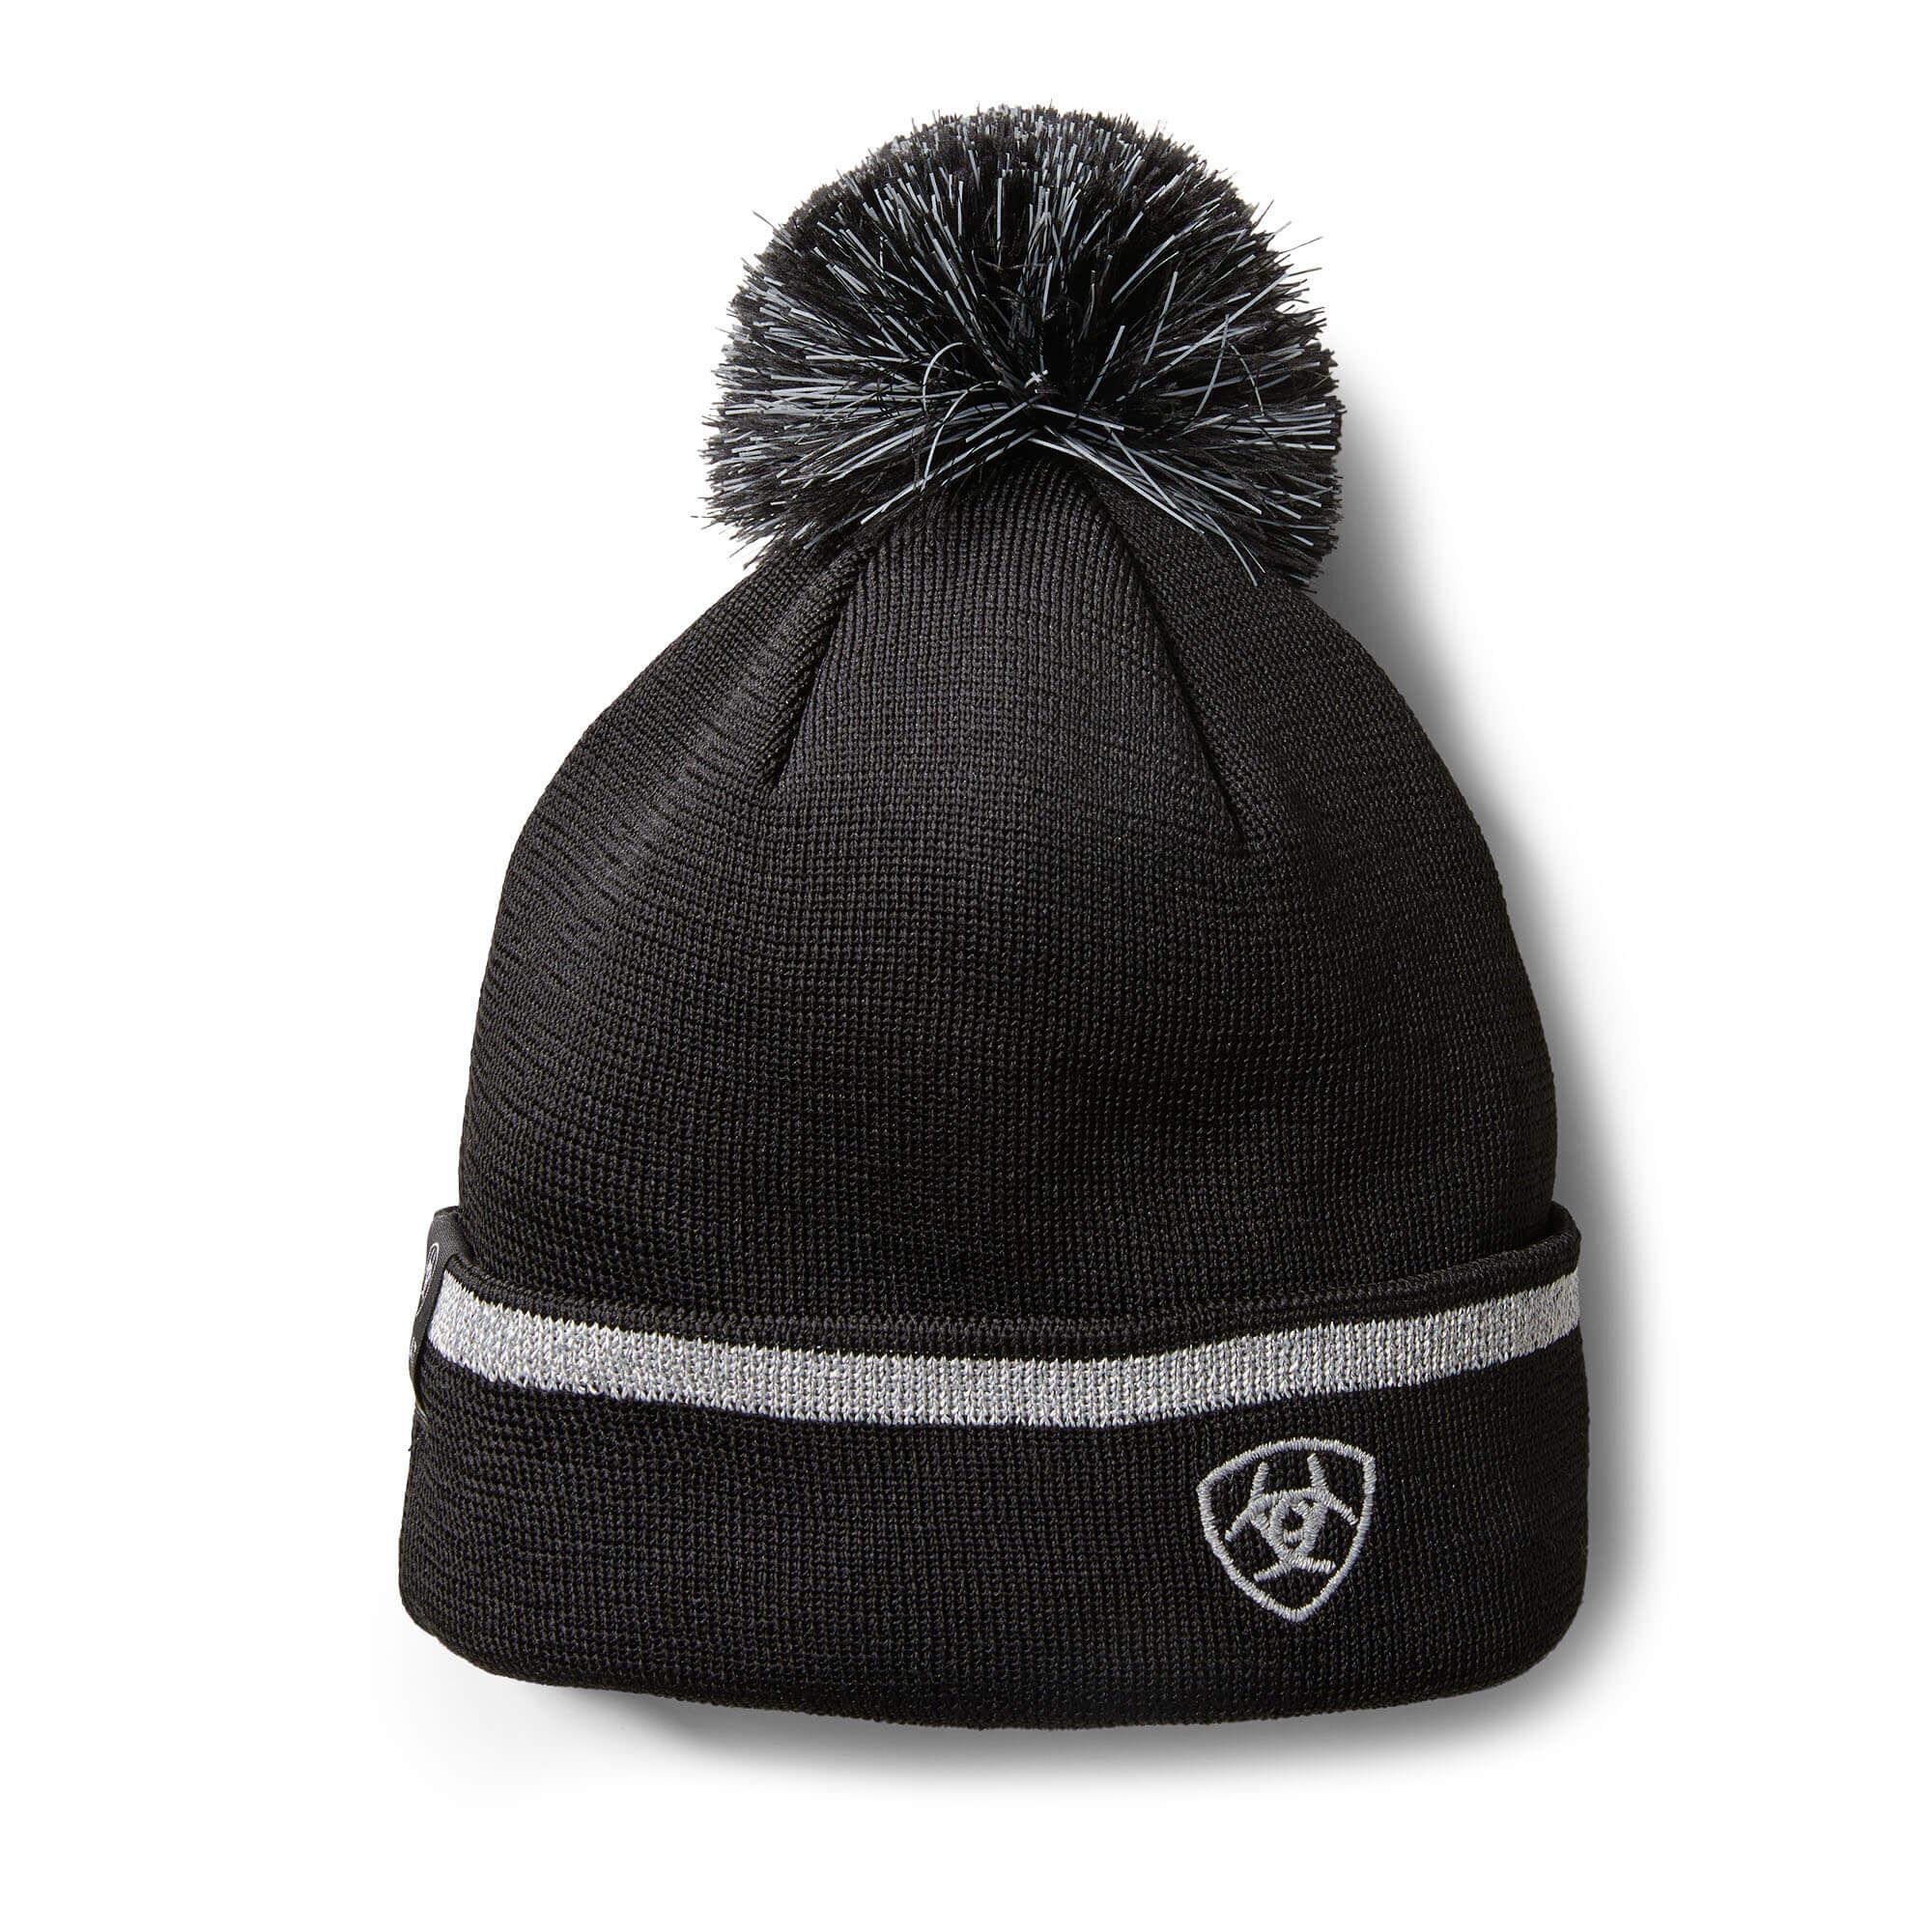 AriatTEK Reflective Beanie Hat in Black